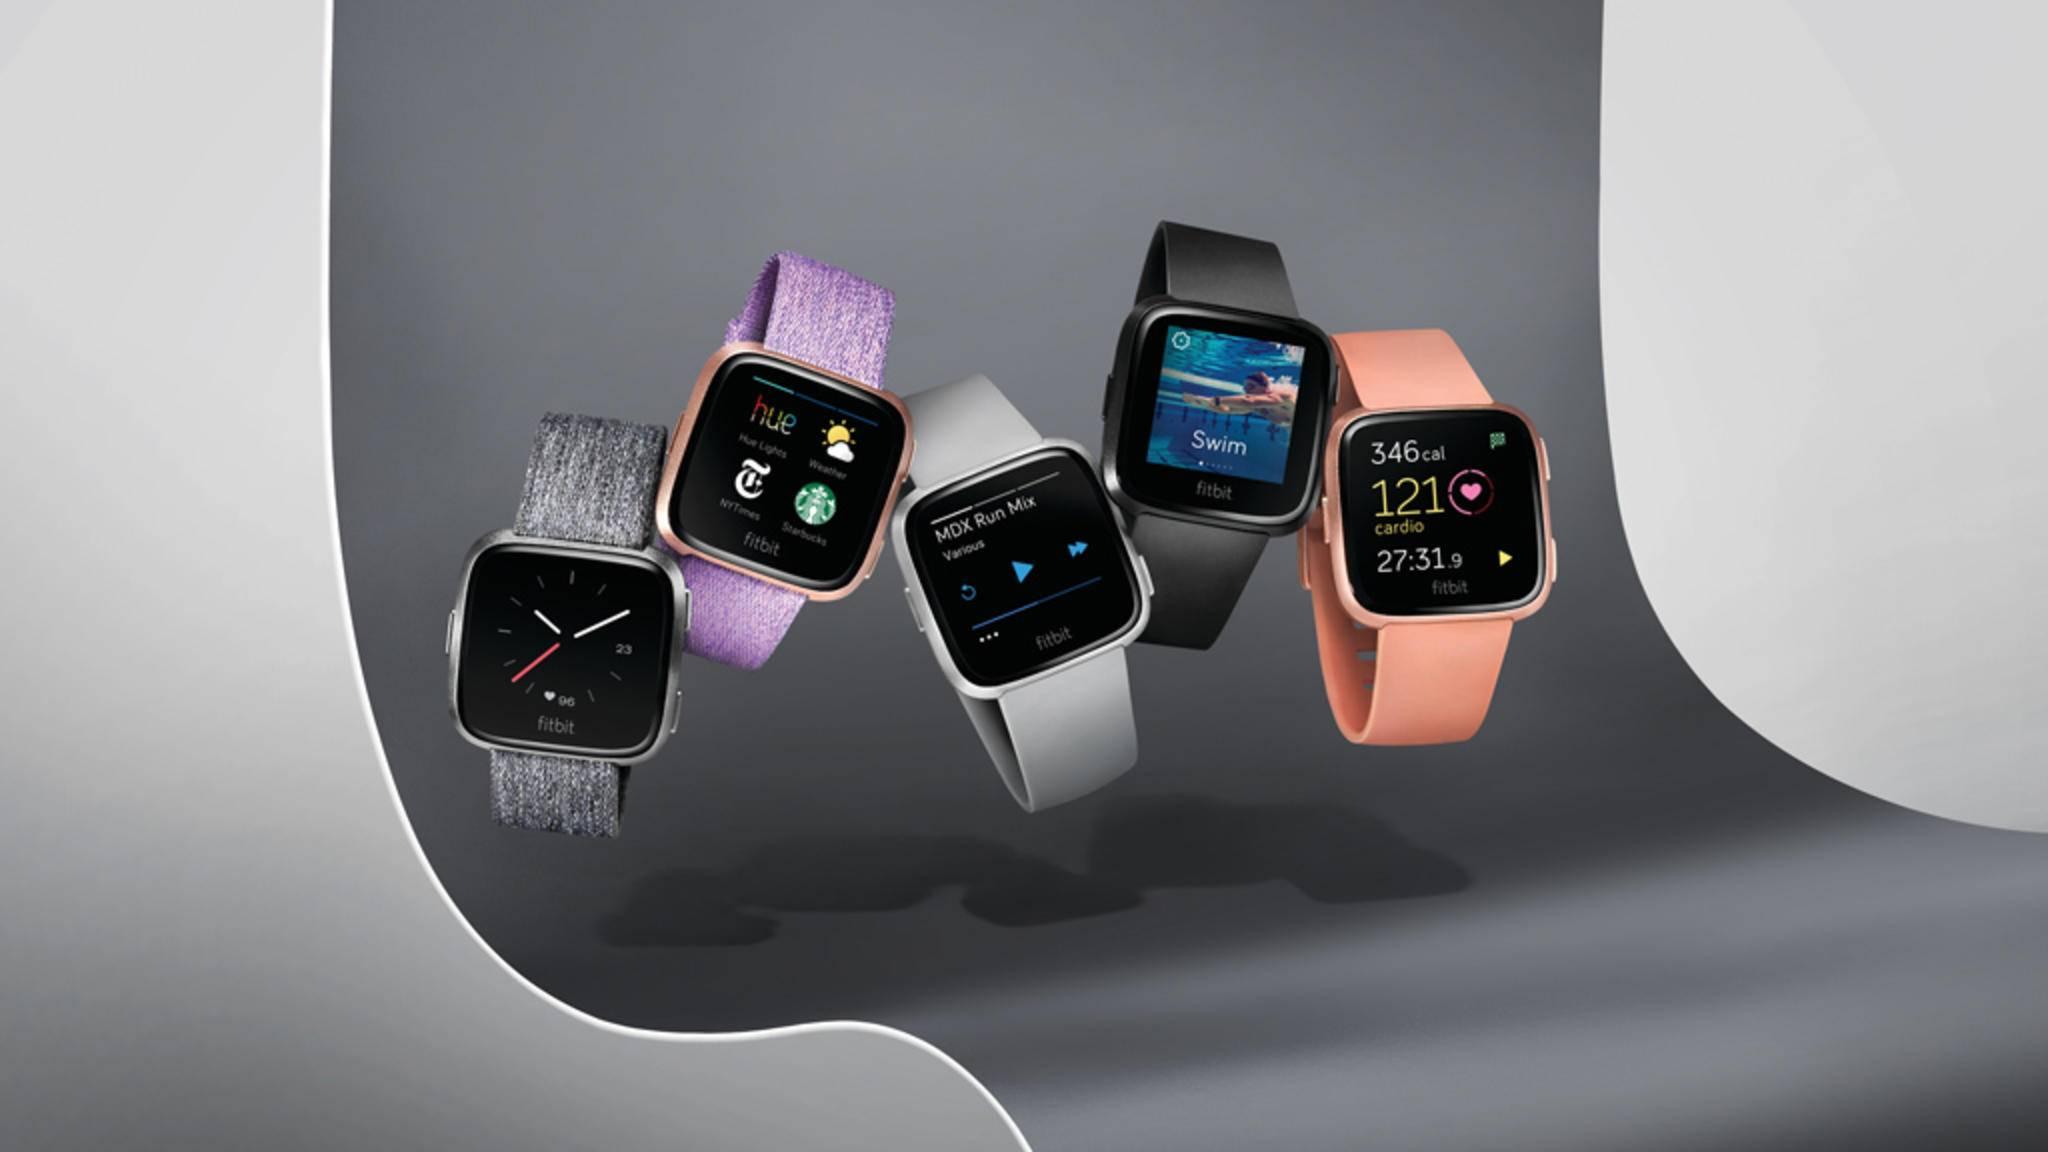 Bald wird es die Fitbit Versa in noch einer anderen Band-Farbe geben.